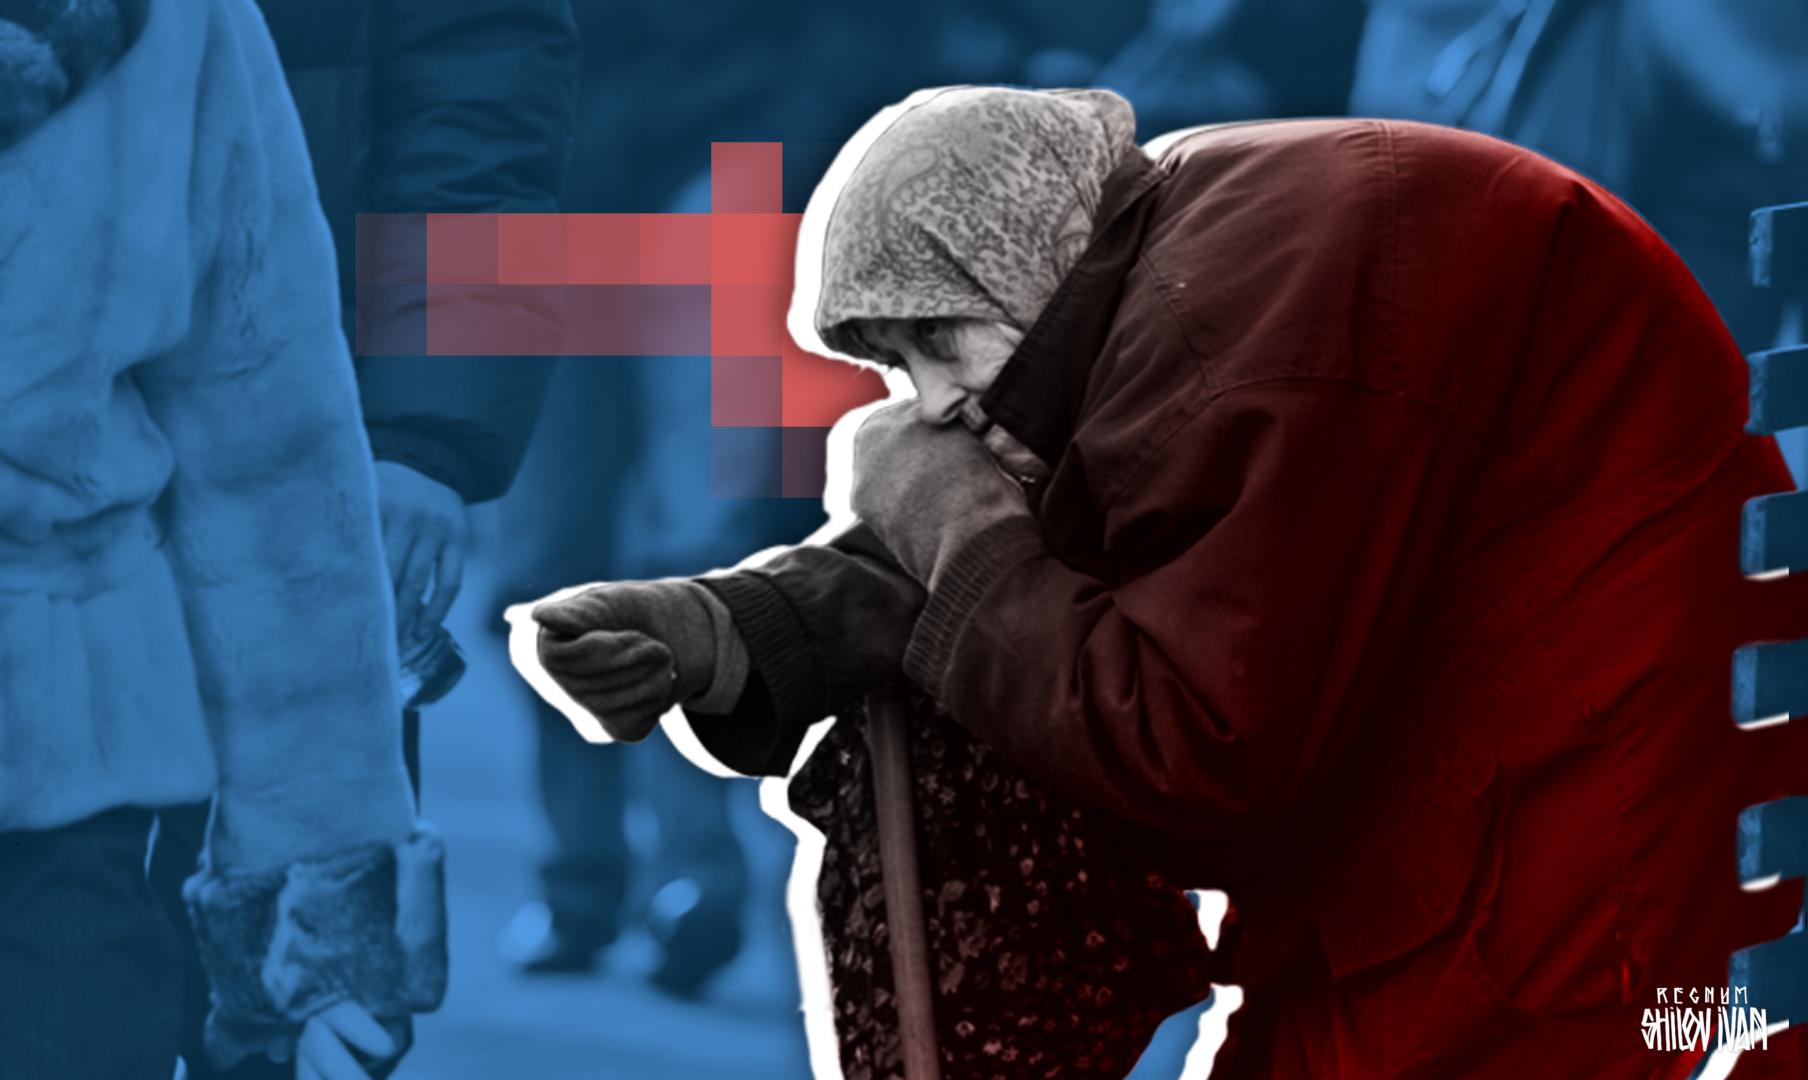 ООН назвала бедность одним из главных страхов человечества